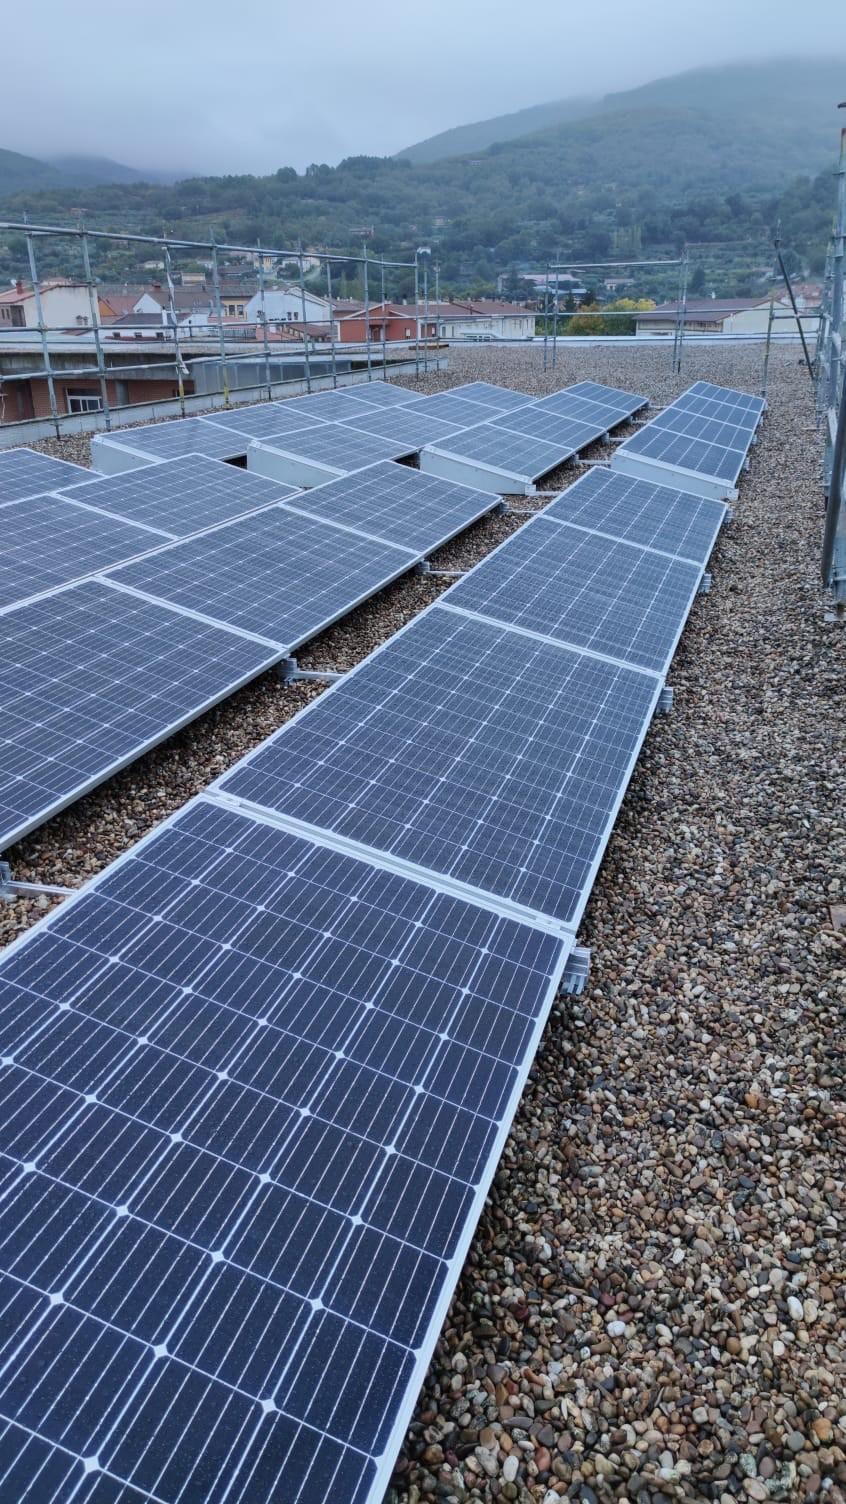 NUEVA Instalación fotovoltaica a red de 10kw en el IES CANDAVERA en CANDELEDA – AVILA